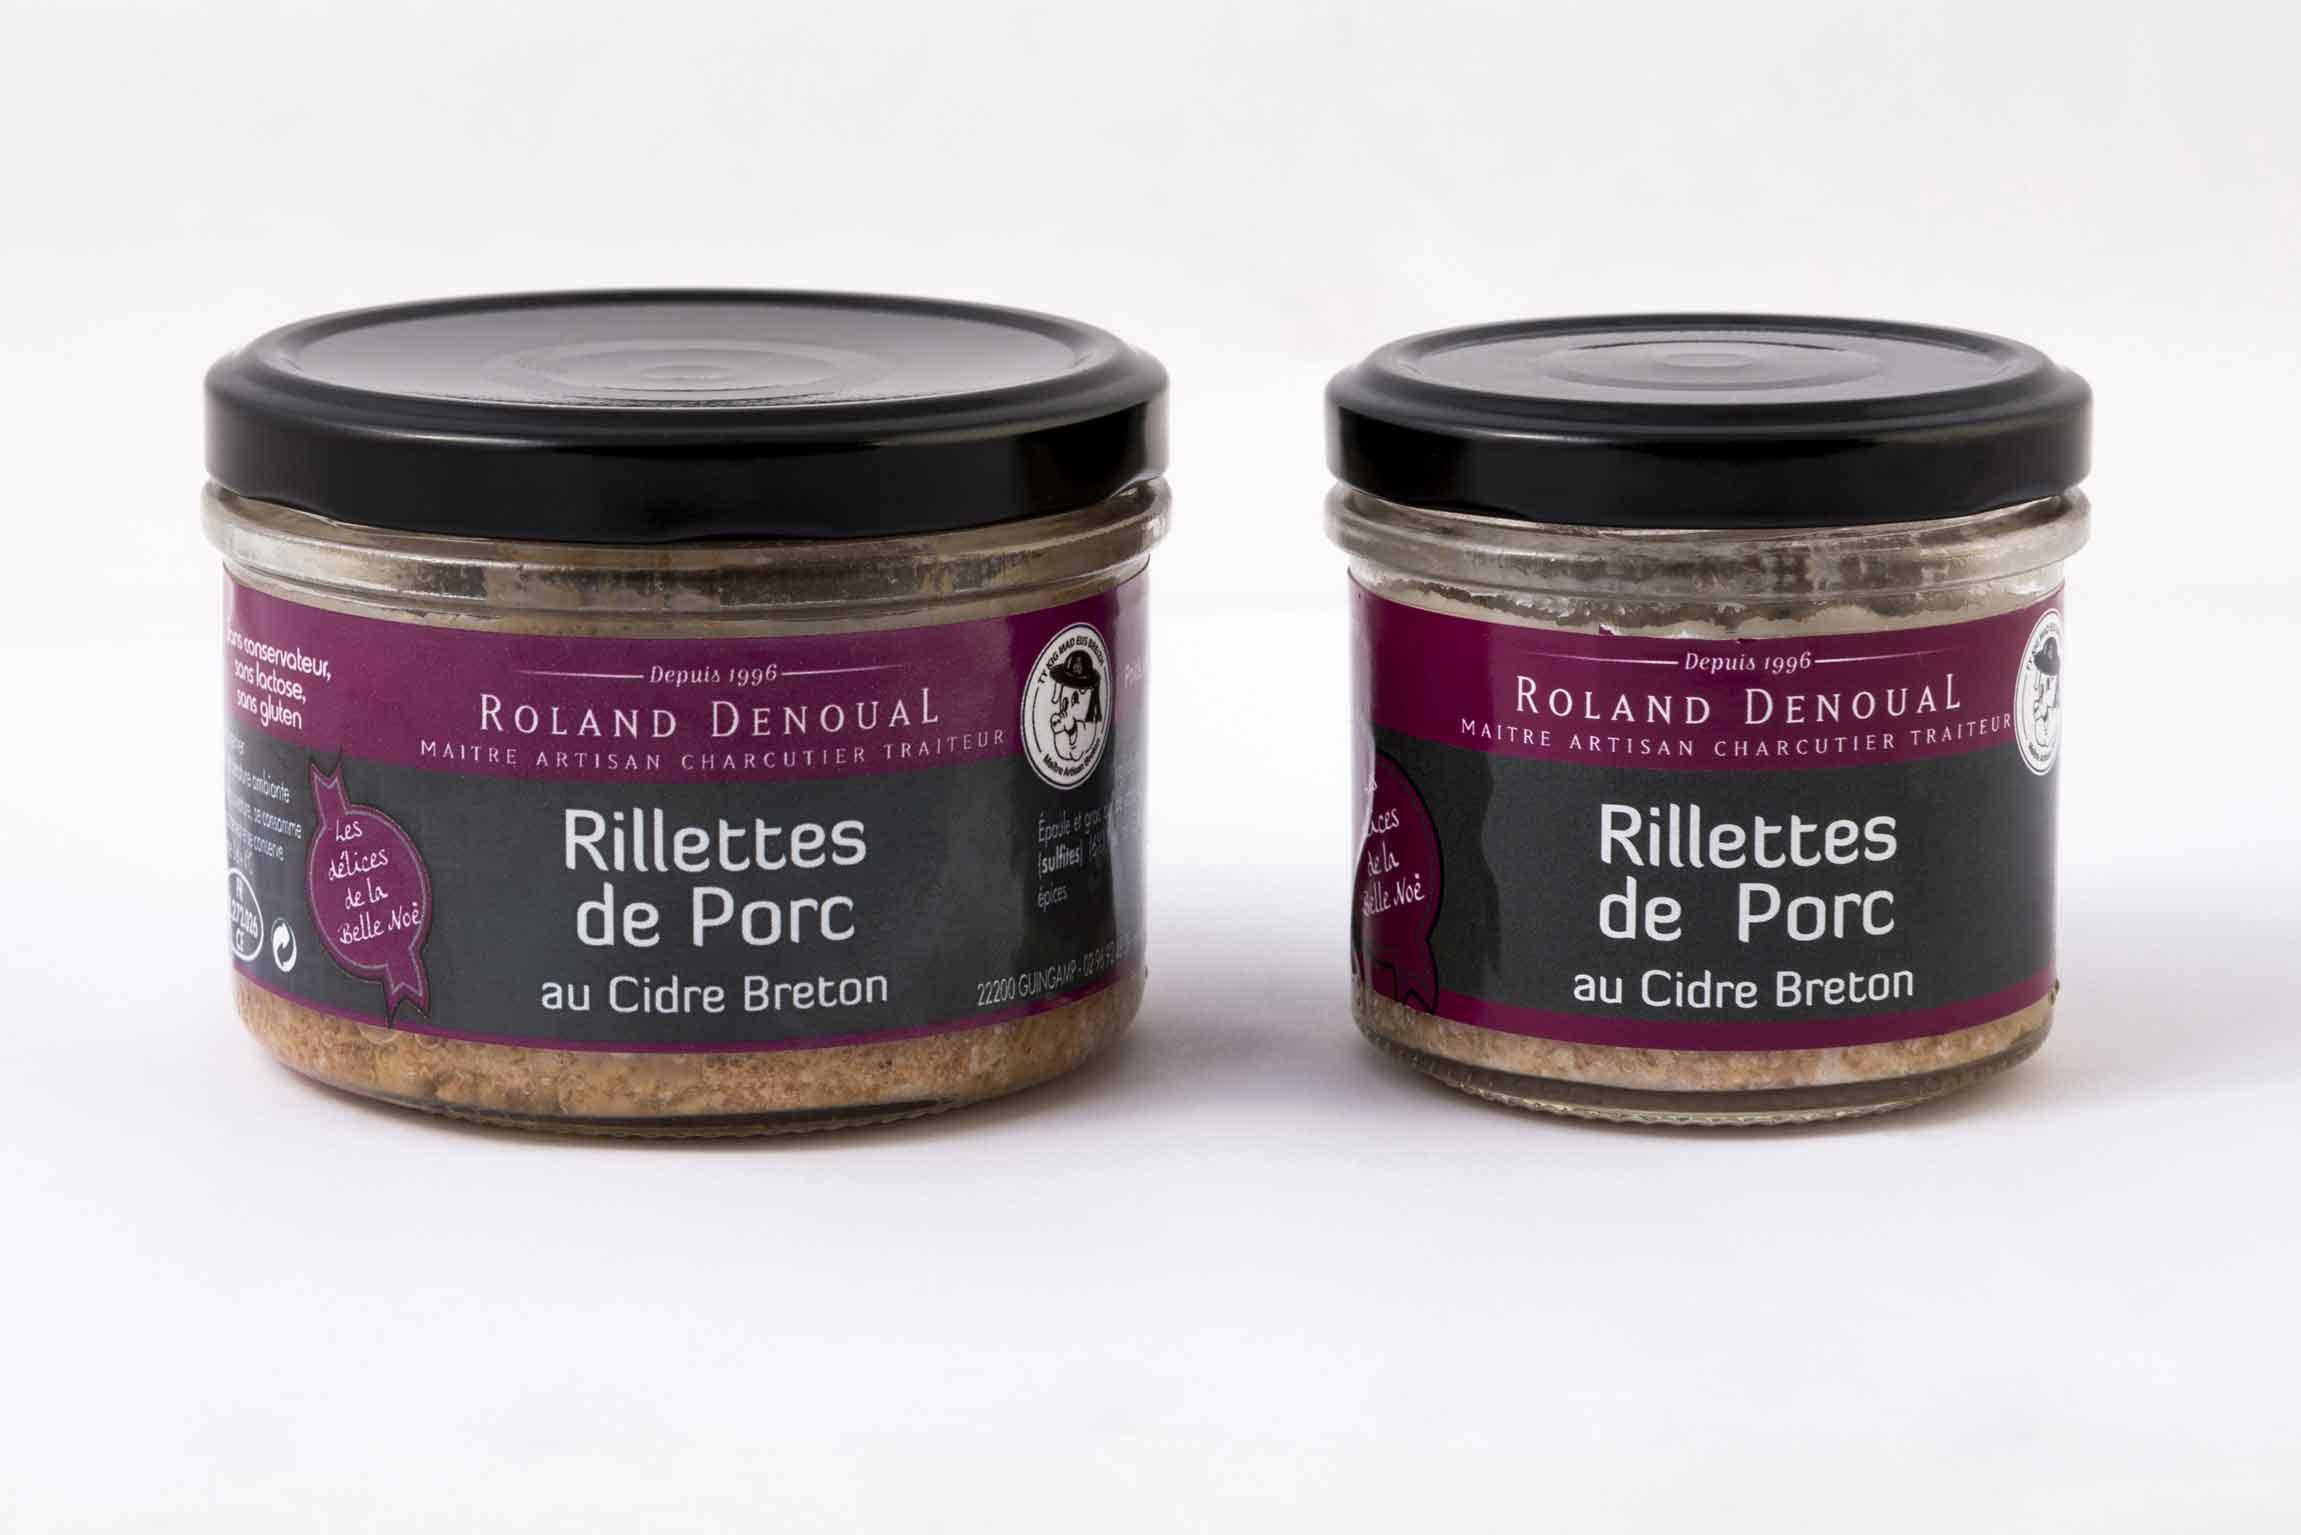 Rillettes de Porc au cidre breton du Maître artisan charcutier traiteur Roland Denoual